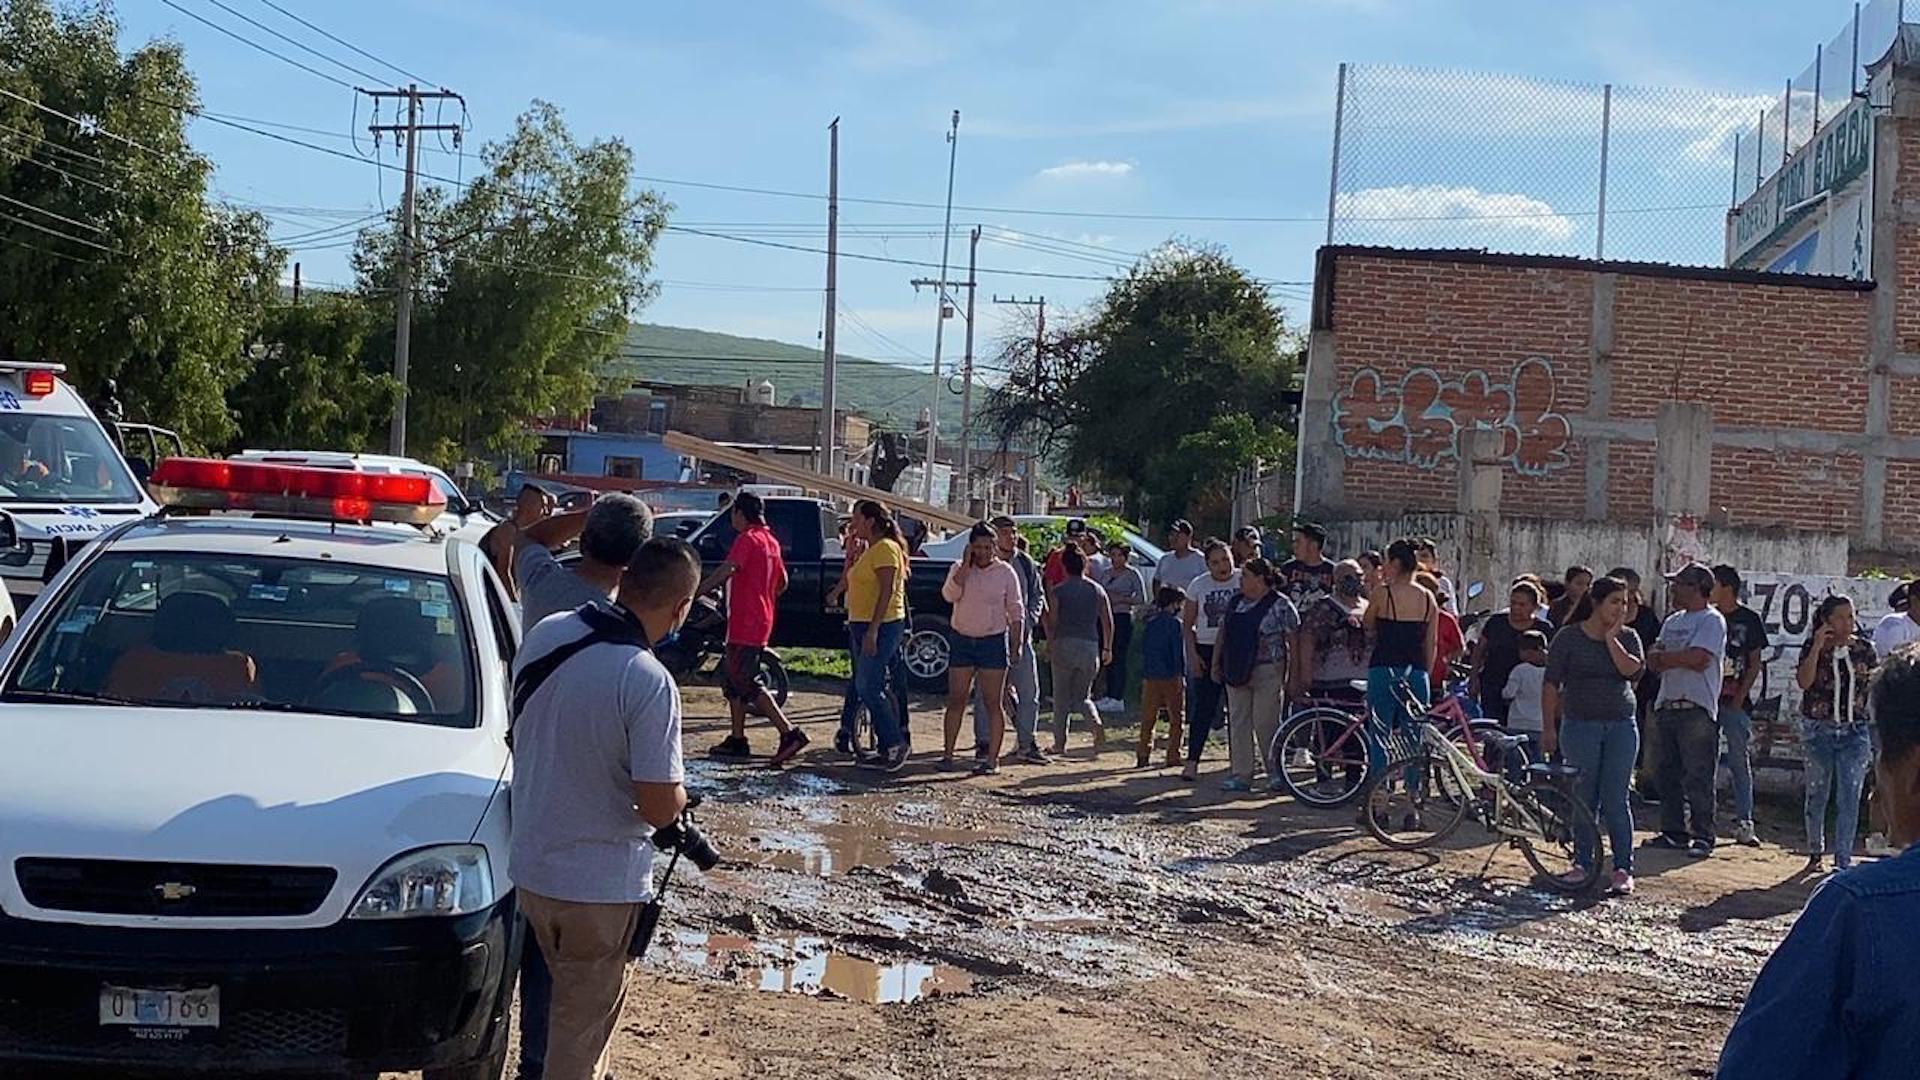 Ejecutan a 24 personas en centro de rehabilitación — Masacre en Irapuato